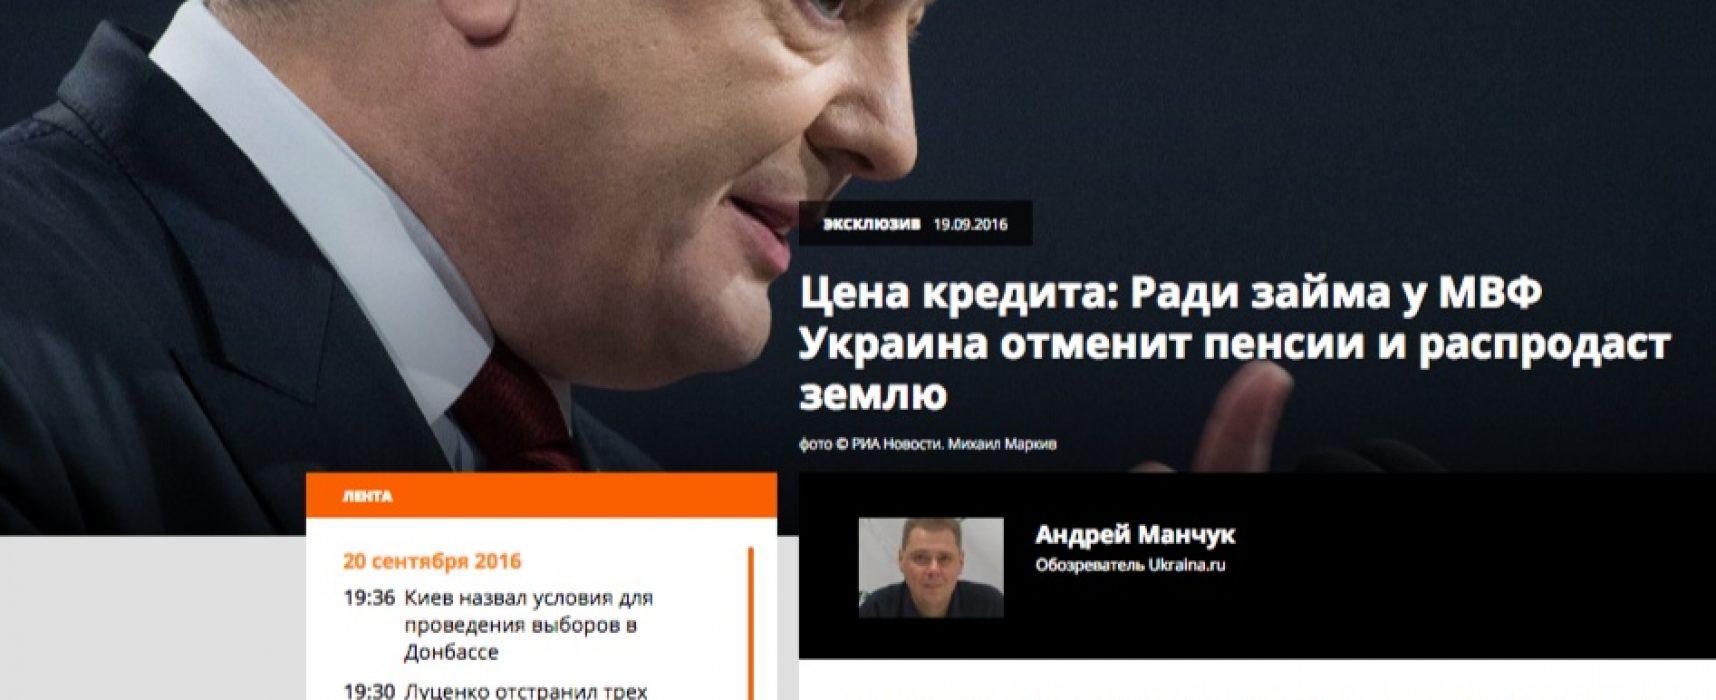 Фейк: Заради транша от МВФ Украйна ще отмени пенсиите и ще разпродаде земята си